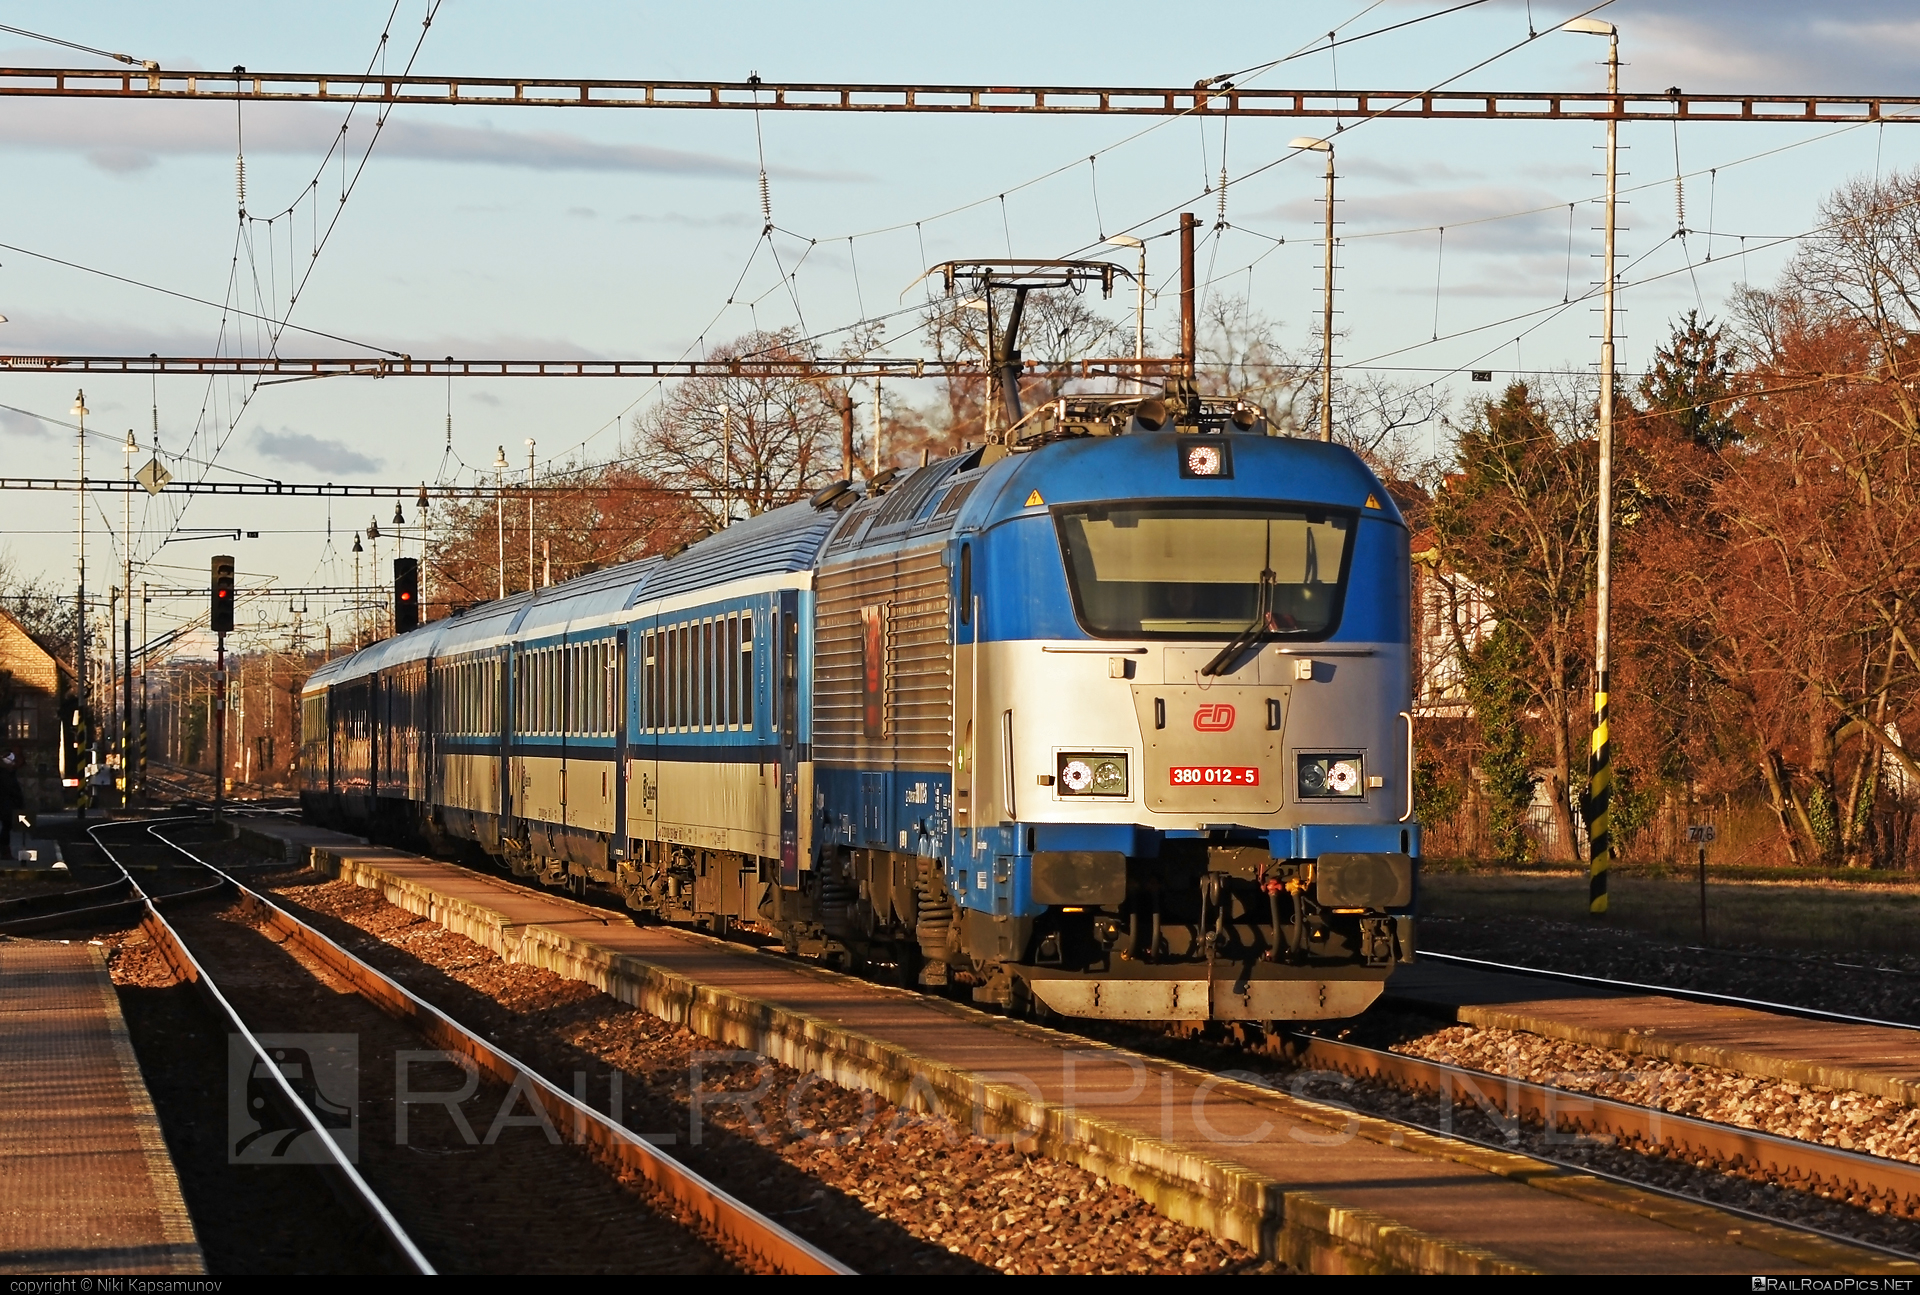 Škoda 109E1 Emil Zátopek - 380 012-5 operated by České dráhy, a.s. #ceskedrahy #emilzatopeklocomotive #locomotive380 #skoda #skoda109e #skoda109elocomotive